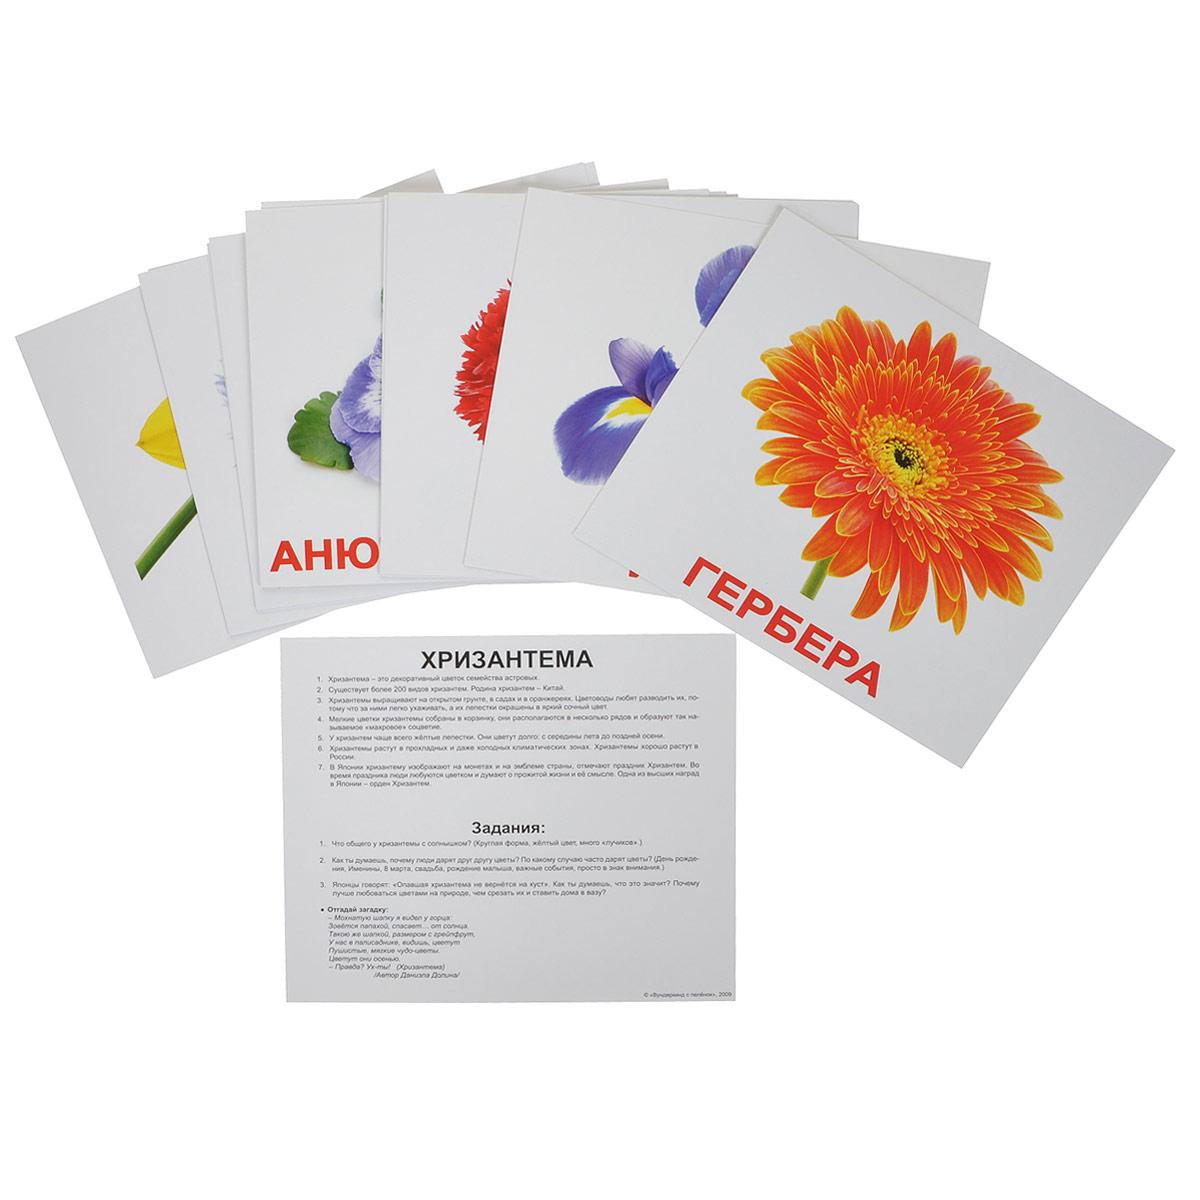 Набор обучающих карточек ЦветыВСПБК-ЦветыНабор обучающих карточек Цветы предназначен для занятий с детьми. Он содержит 20 карточек с изображениями различных цветов с подписями, а также фактами и заданиями на обратной стороне карточек. Просмотр таких карточек позволяет ребенку быстро усвоить названия цветов, запомнить, как они пишутся, развивает у него интеллект и формирует фотографическую память.